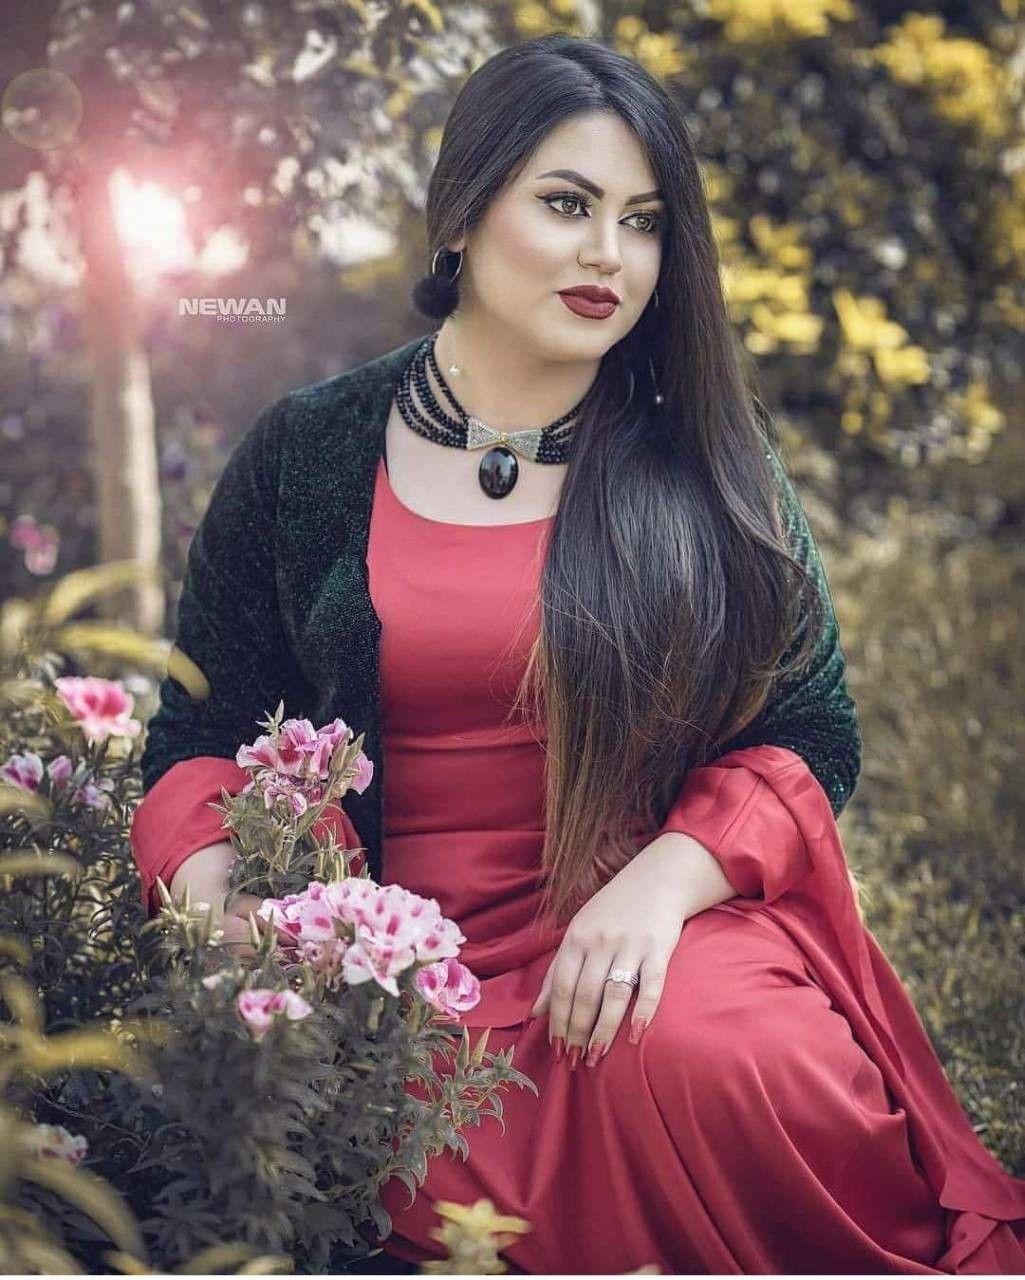 Κουρδιστάν online dating Διαδικτυακός ιστότοπος γνωριμιών erstellen